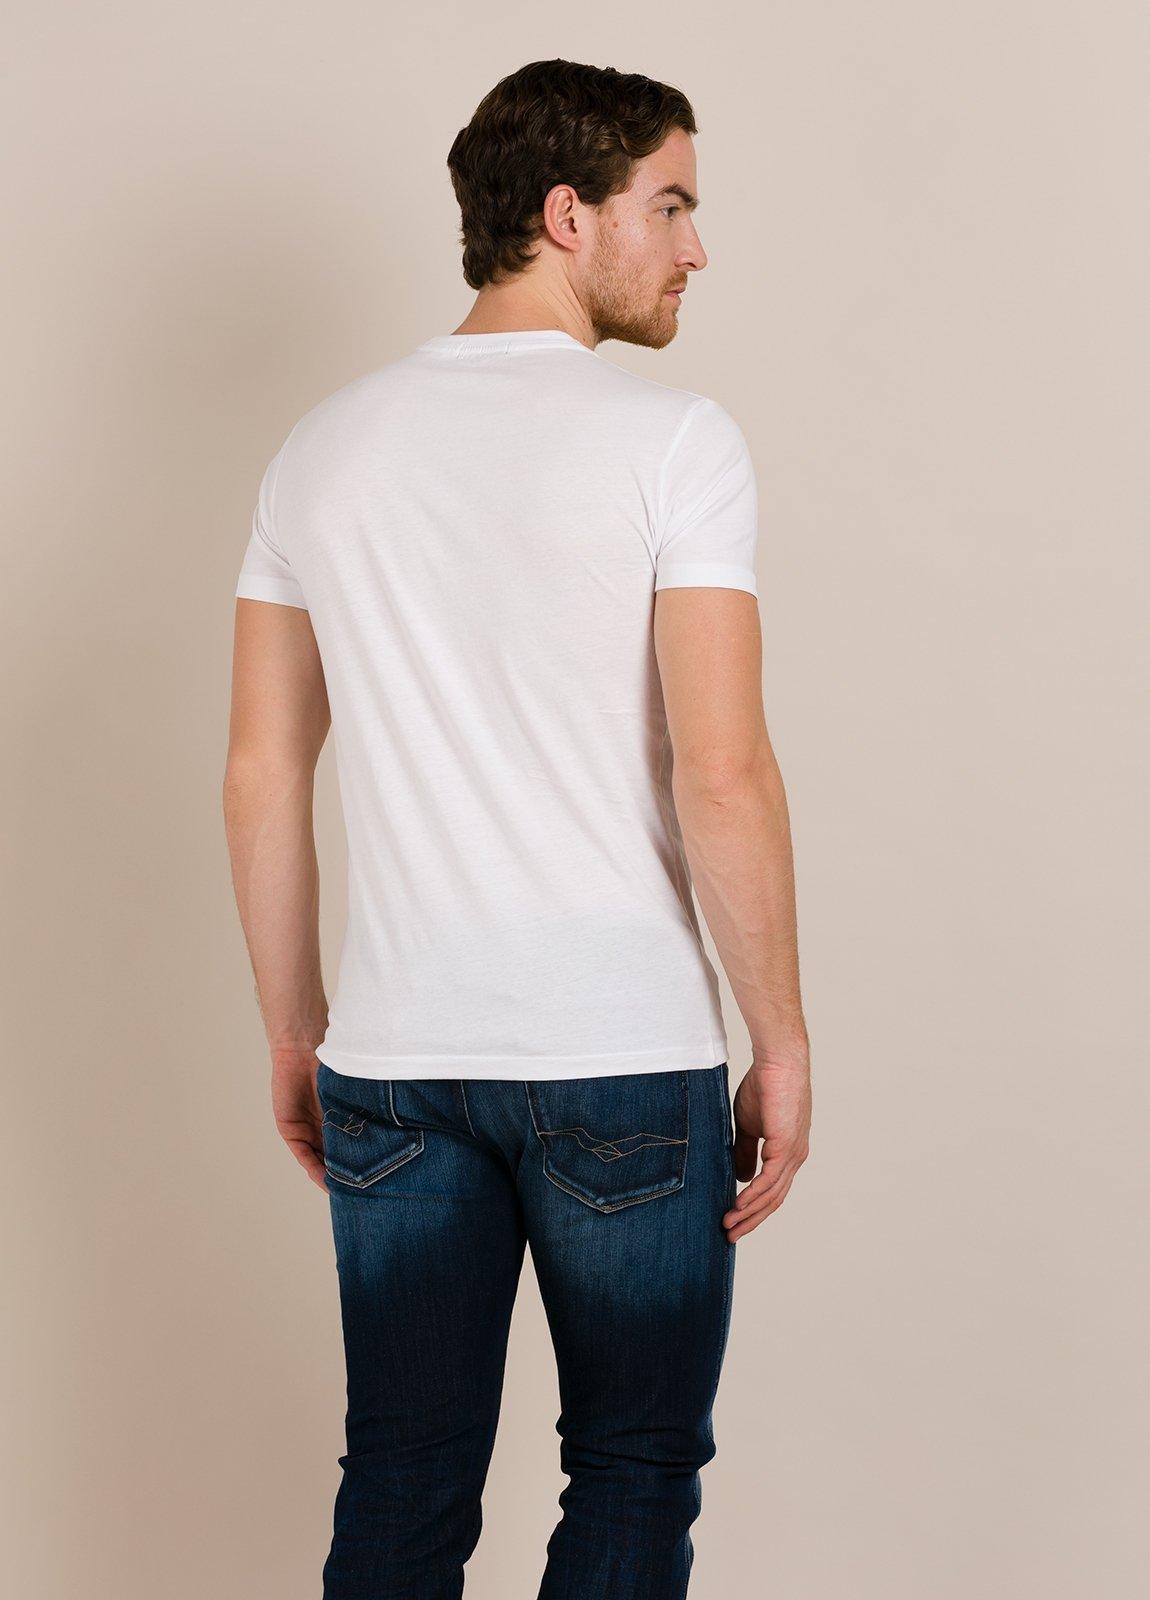 Camiseta REPLAY blanco estampado gráfico - Ítem1